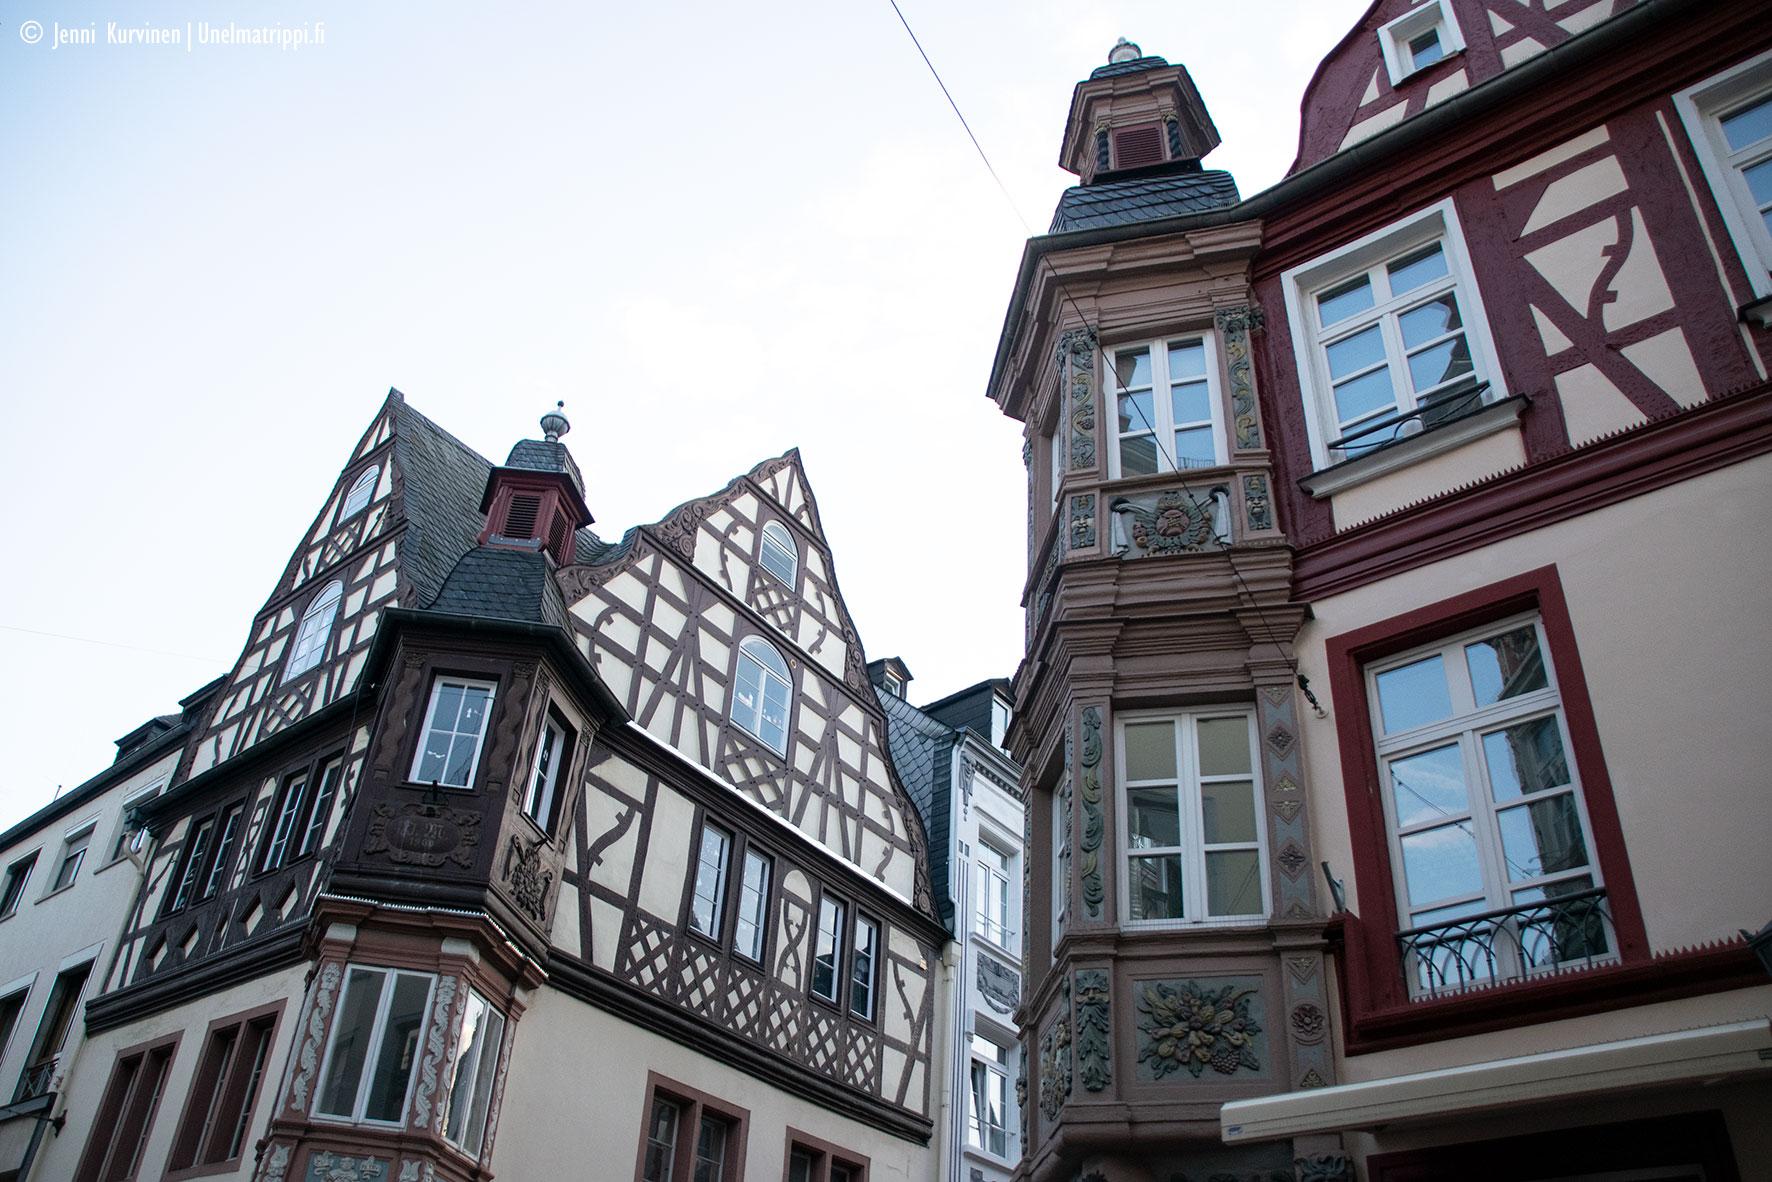 20180716-Unelmatrippi-Koblenz-DSC0403